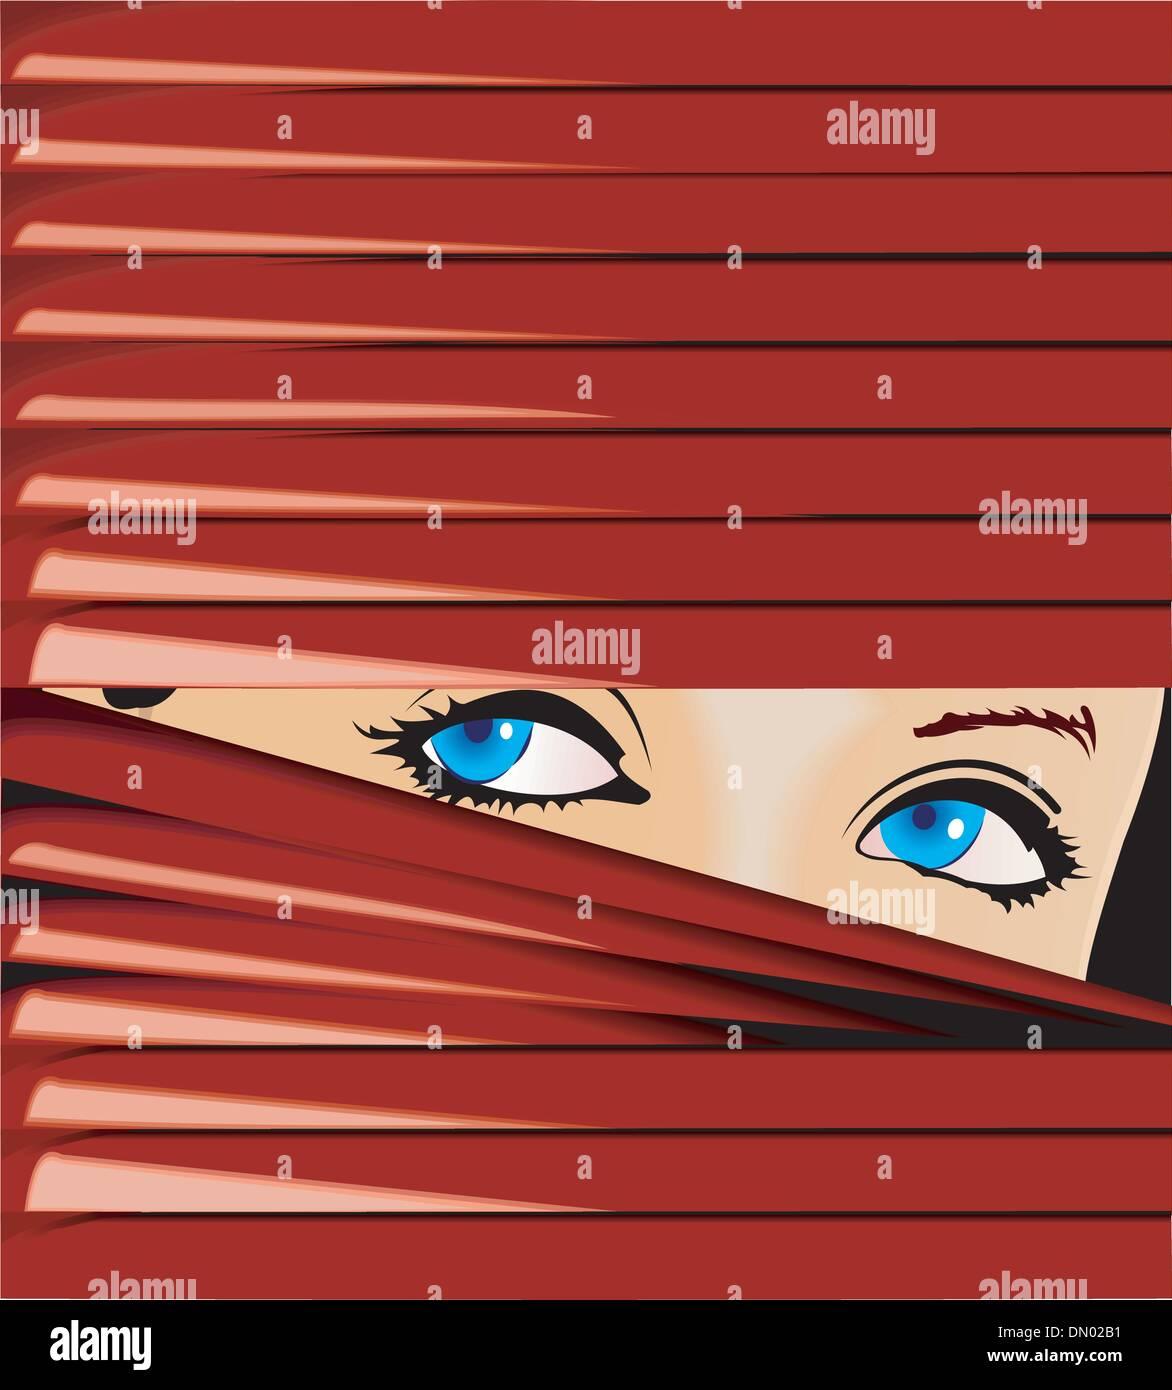 Porque la niña parece Blue-Eyed rojo de celos. Ilustración vectorial. No se engrana. Imagen De Stock